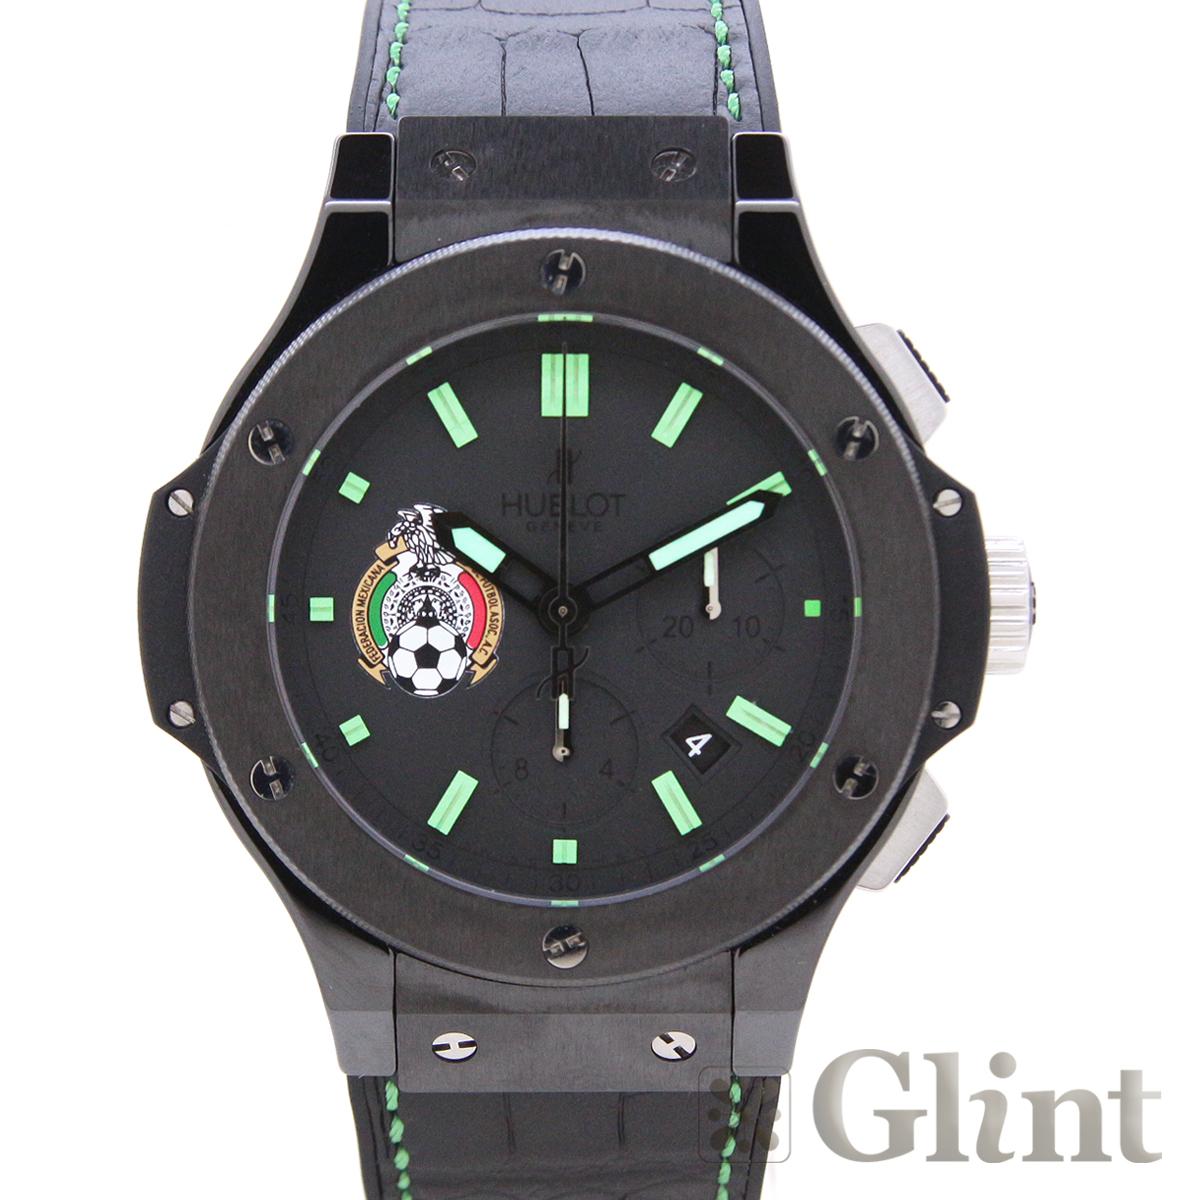 ウブロ(HUBLOT)ビッグバン メキシカンフットボールモデル 301.CX.134.RX.MEX07〔メンズ〕〔腕時計〕〔世界限定250本〕【中古】